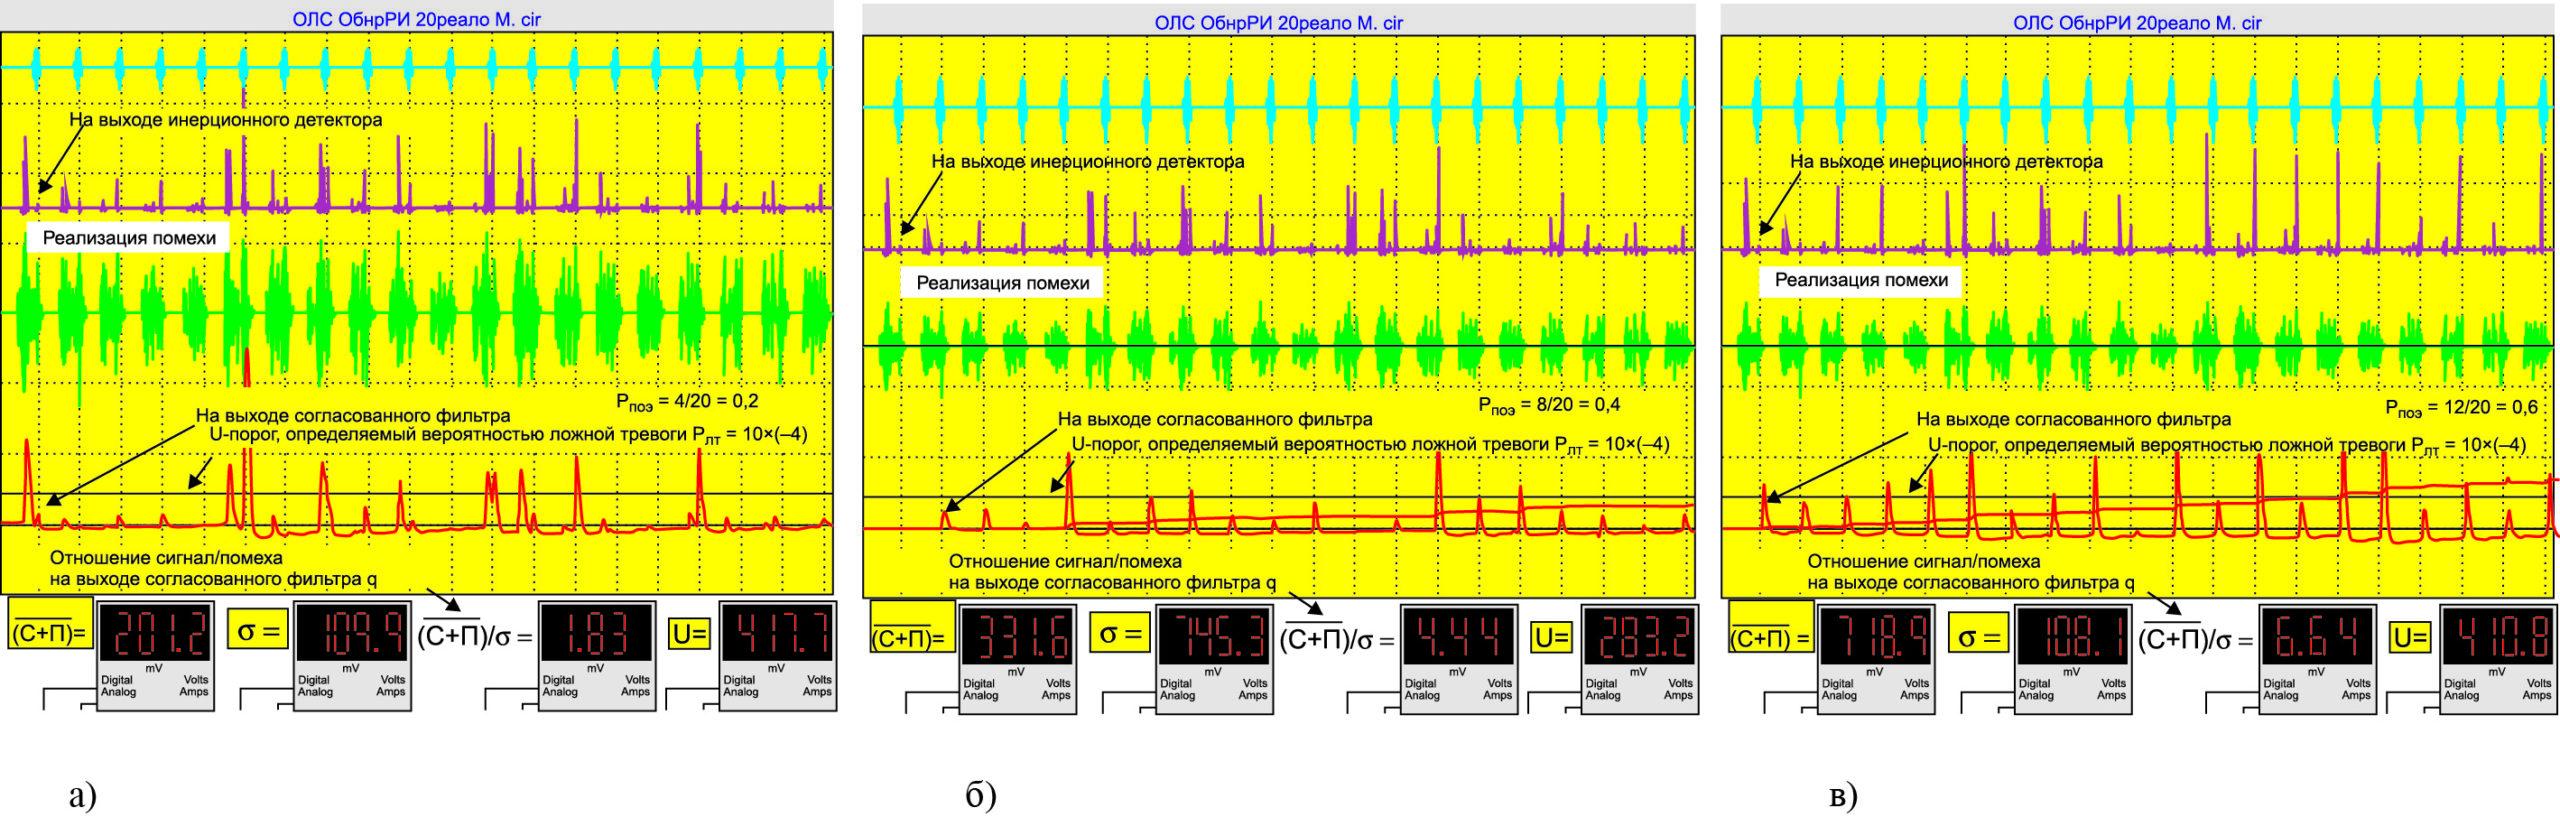 Осциллограммы и цифровые оценки при отношении сигнал/помеха